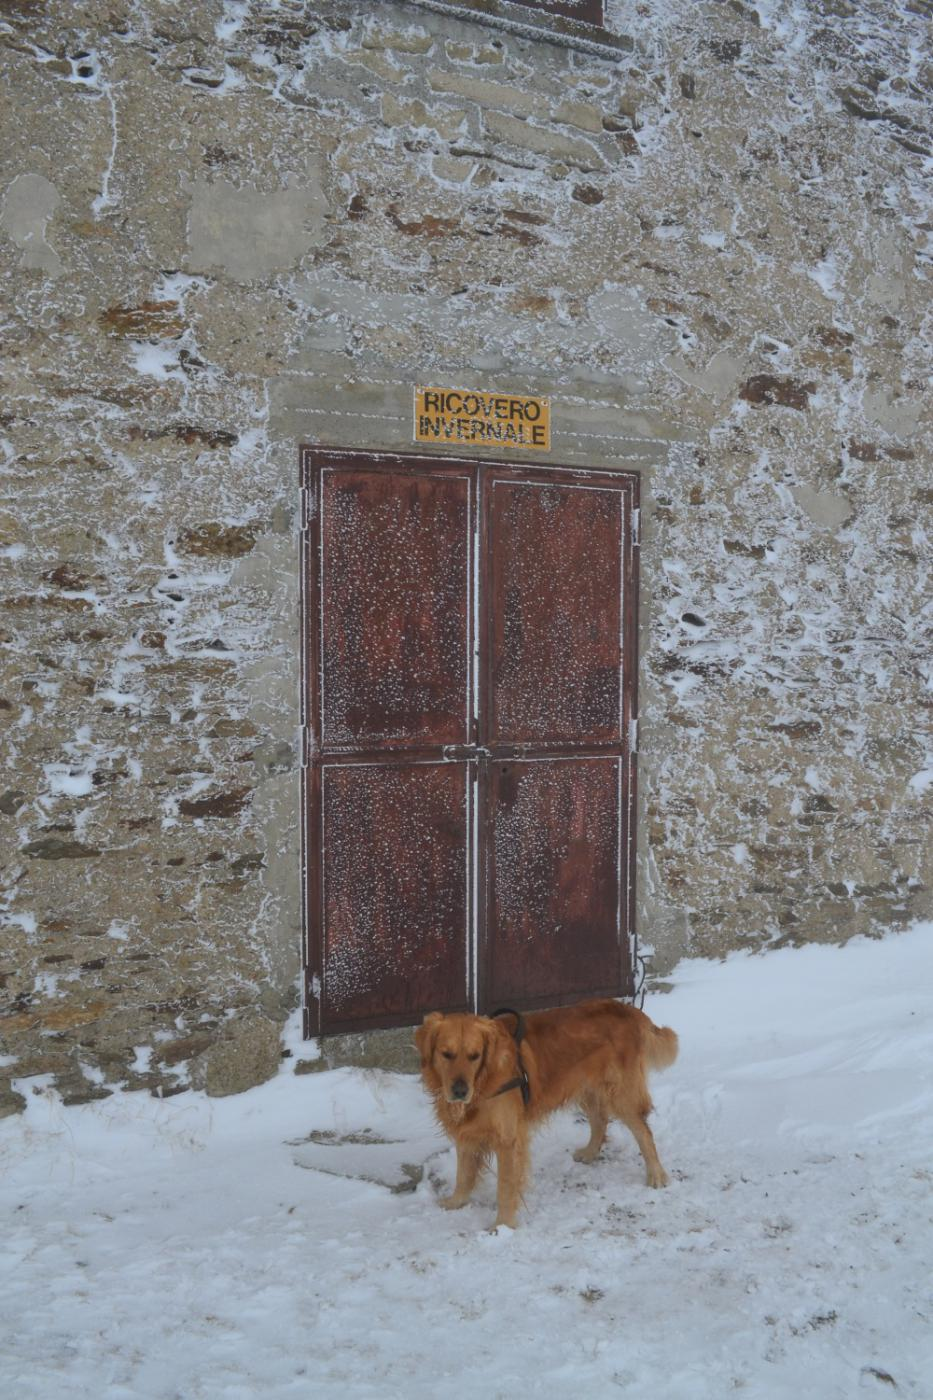 ingresso del ricovero invernale